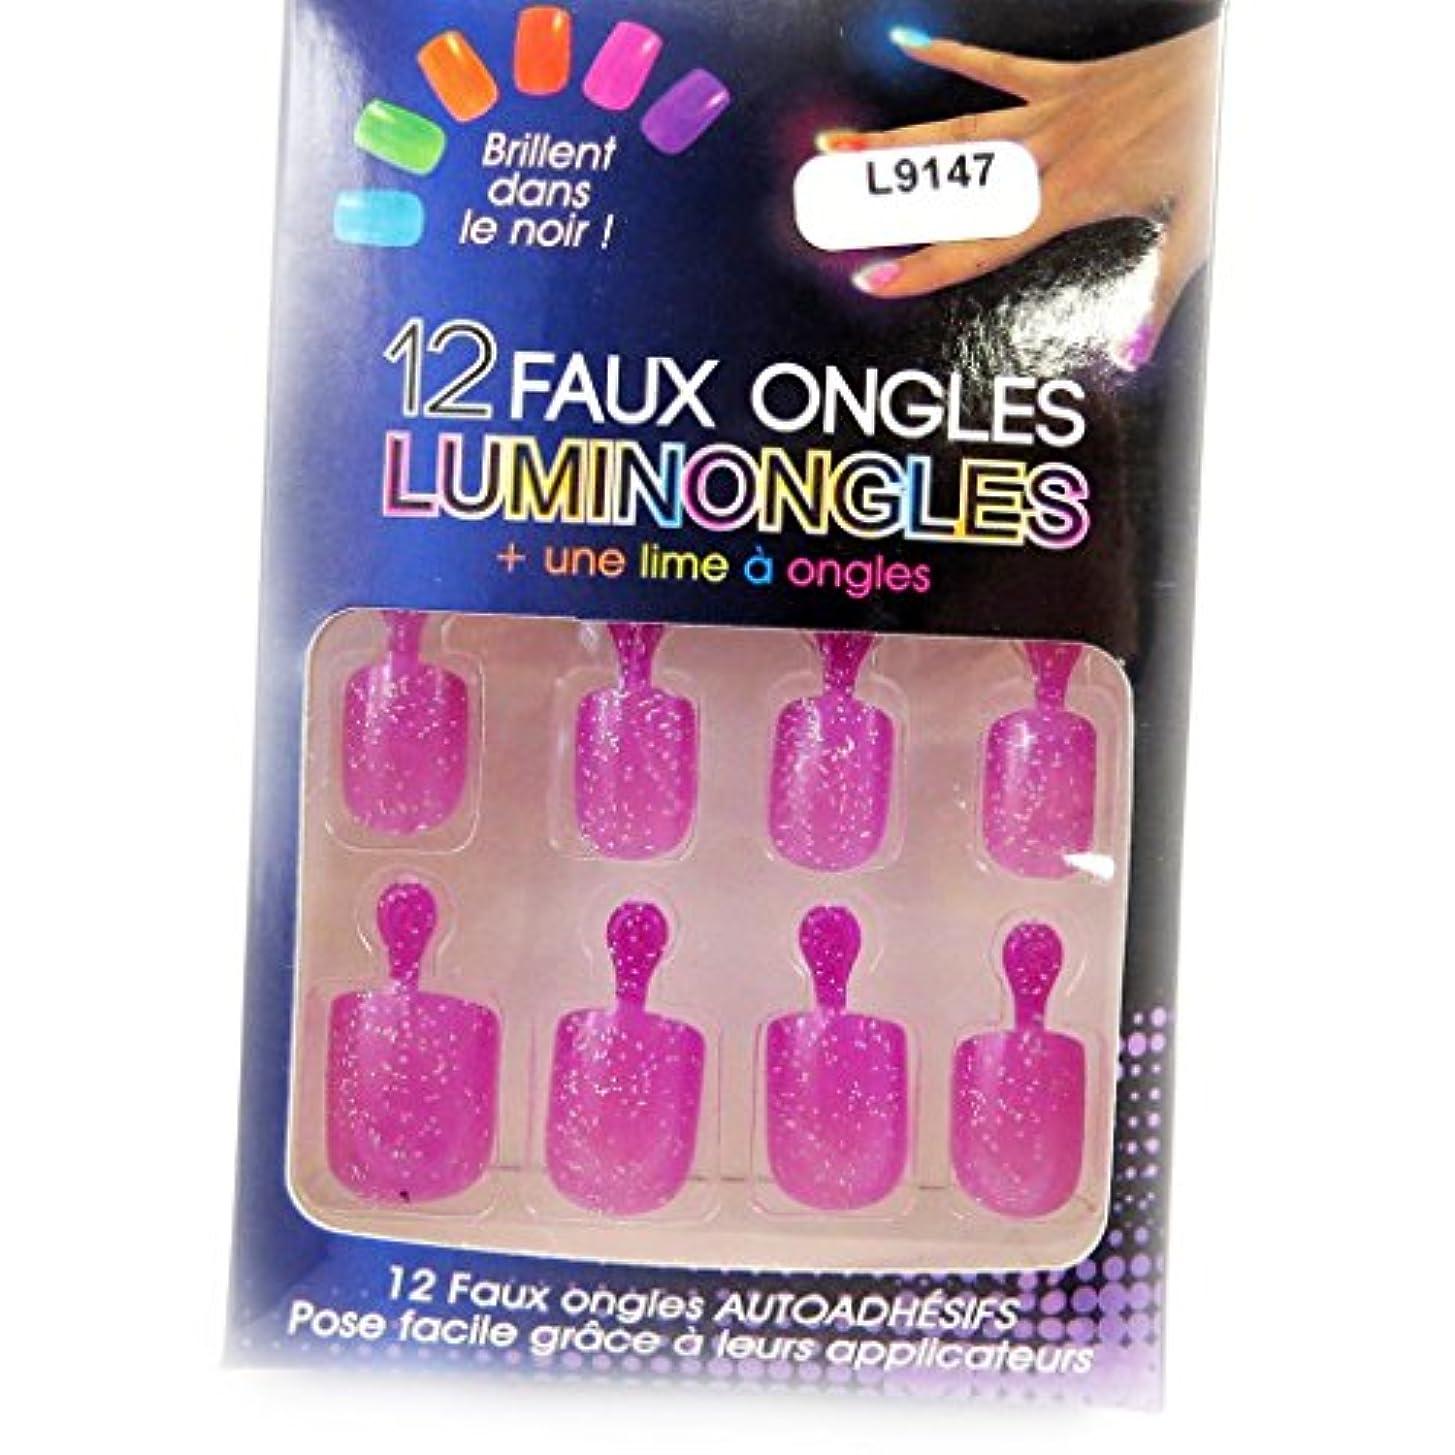 寄生虫洞察力のある平らにする[リリーの宝 (Les Tresors De Lily)] (Luminongles コレクション) [L9147] アクリルスカルプチュア ピンク